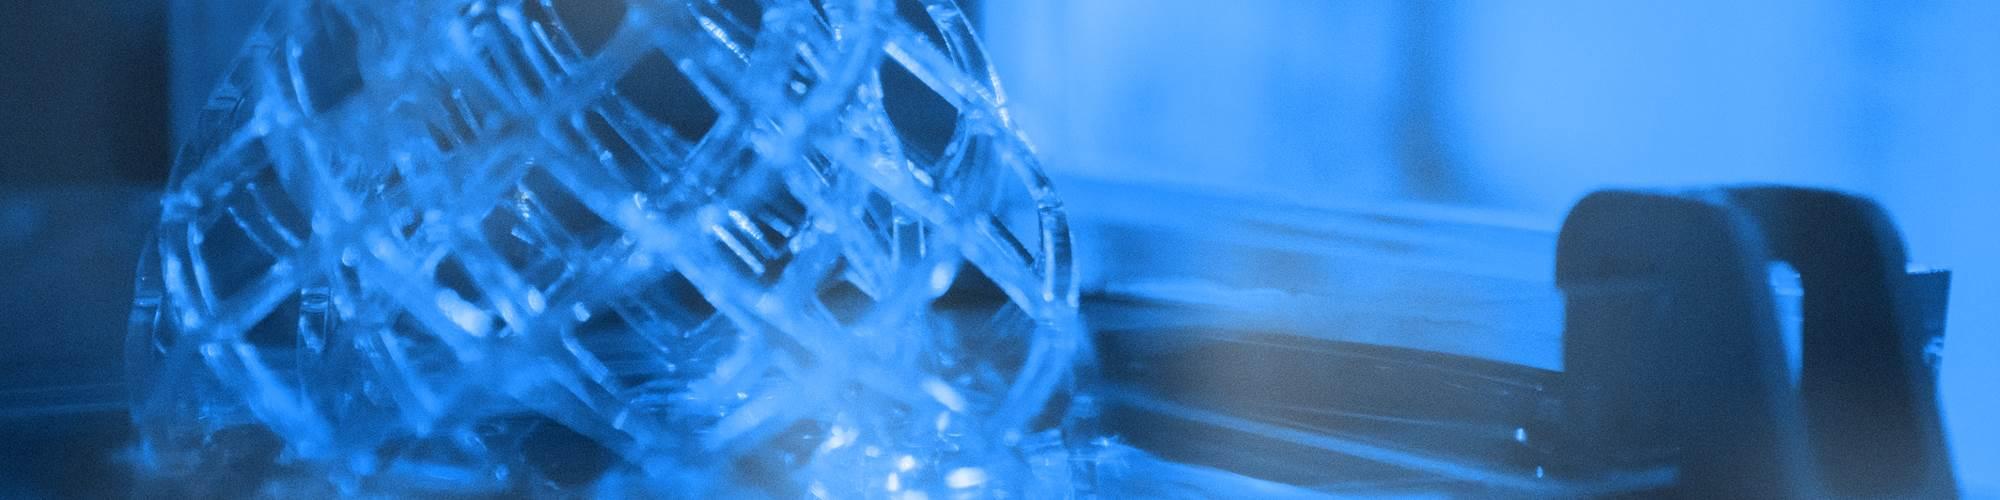 Materiales plásticos en la impresión 3D